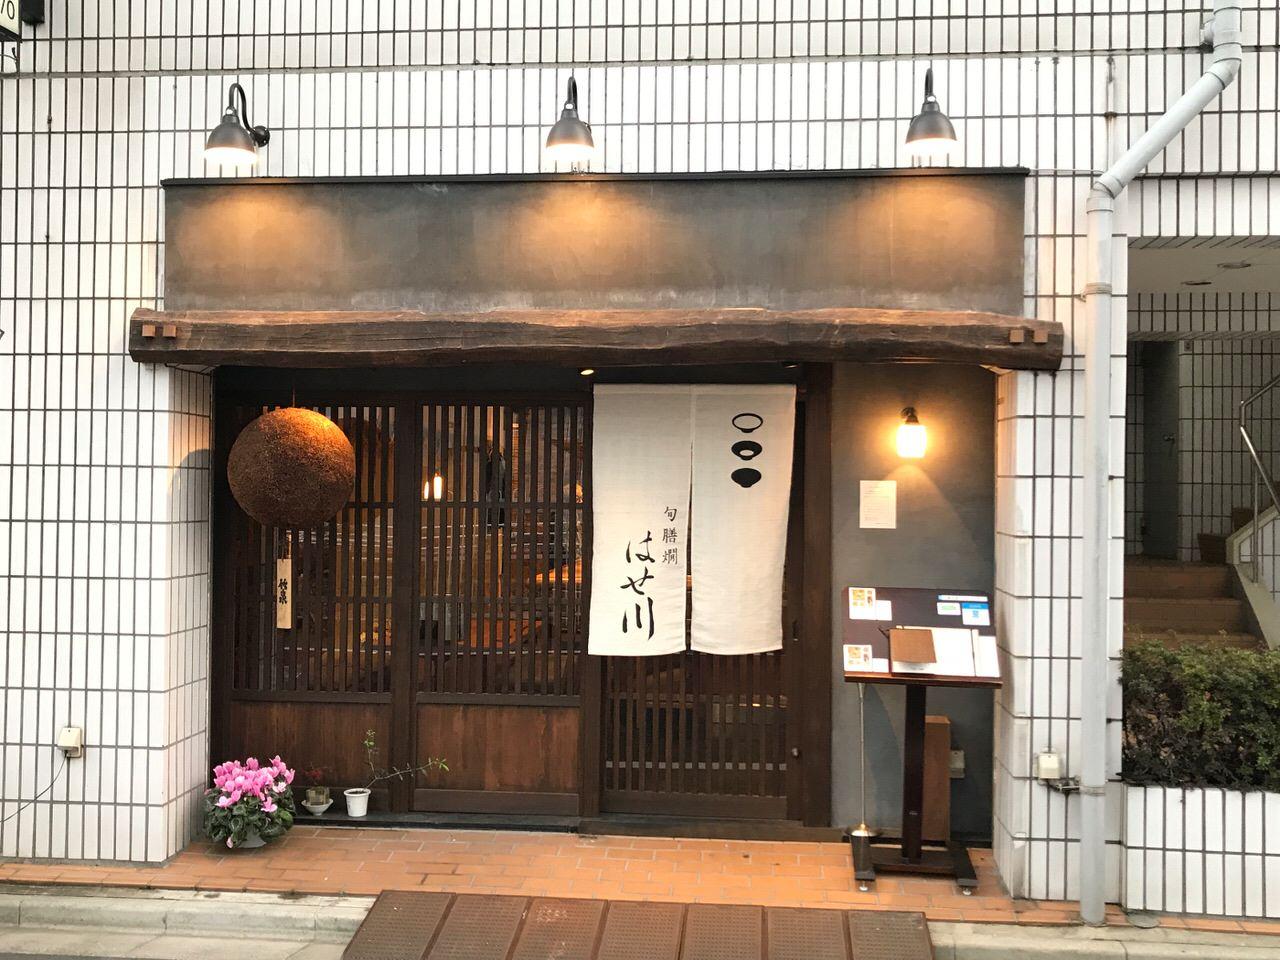 Oku hasegawa 72148